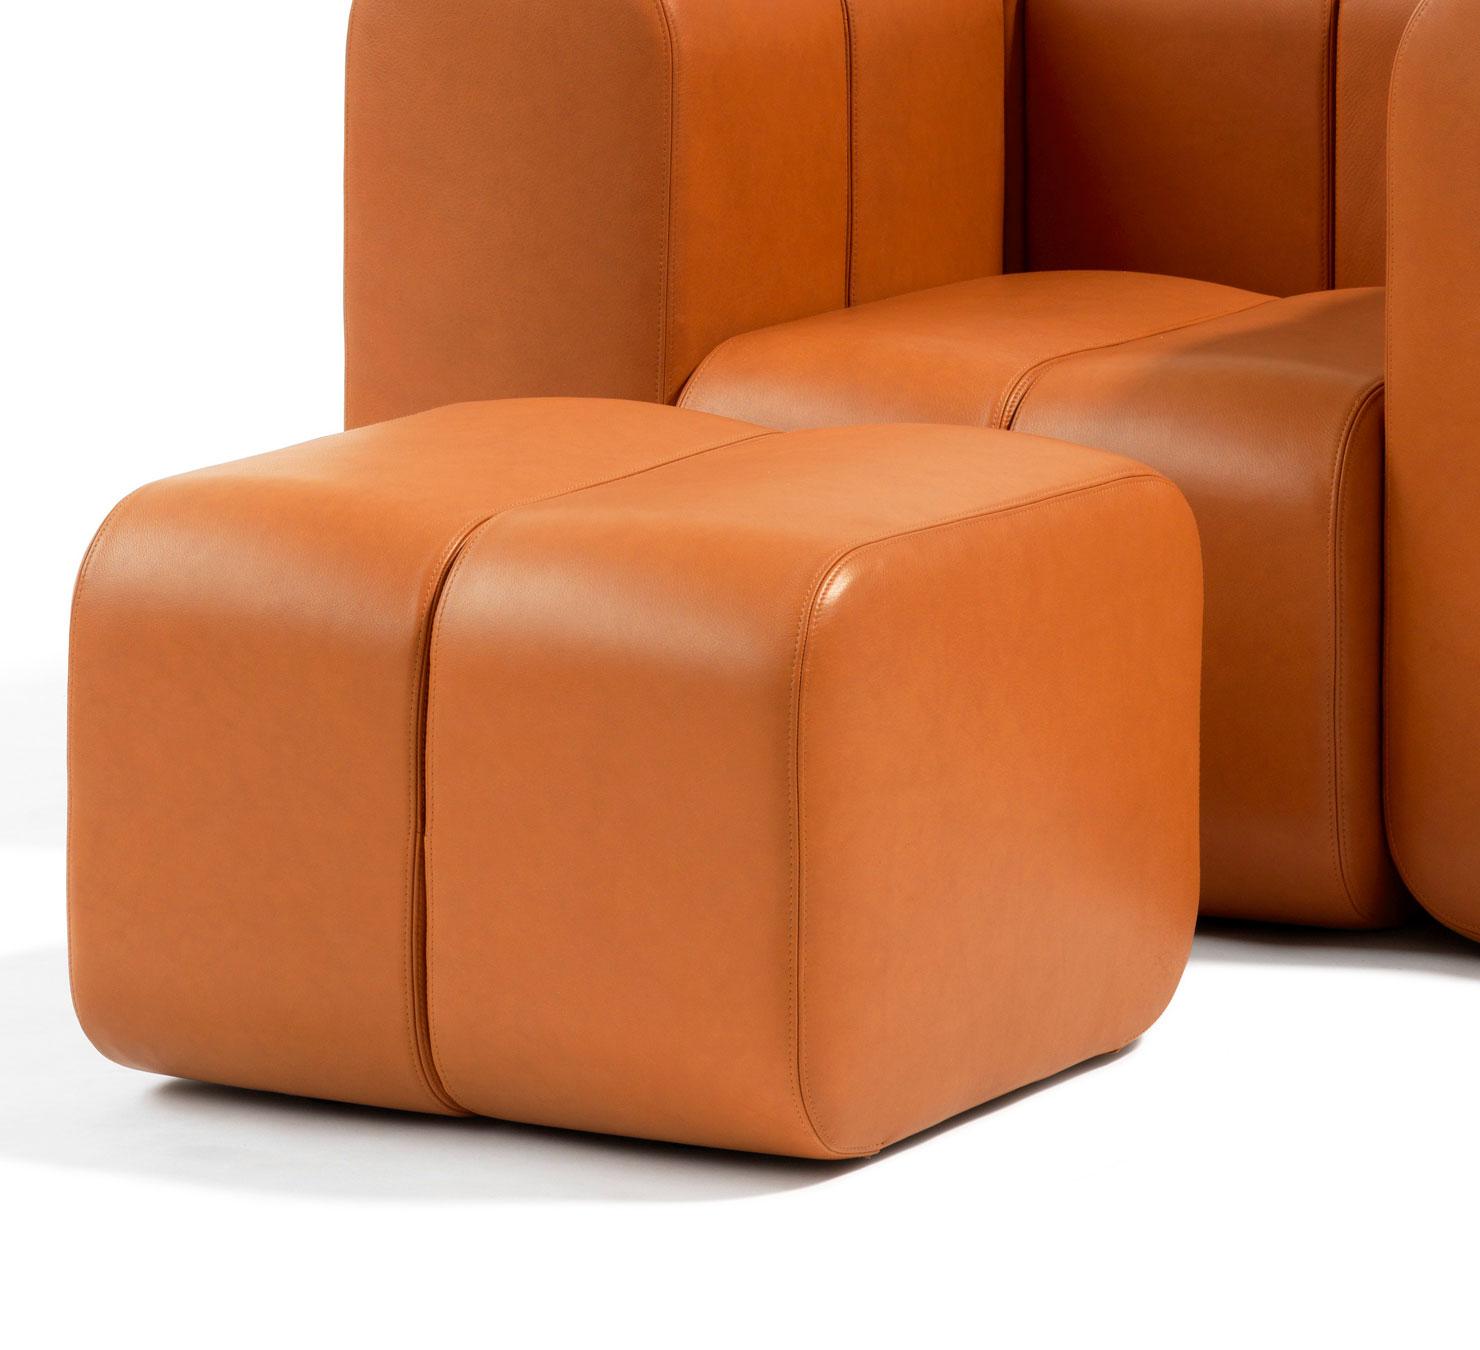 BOB |Pouf, Leather